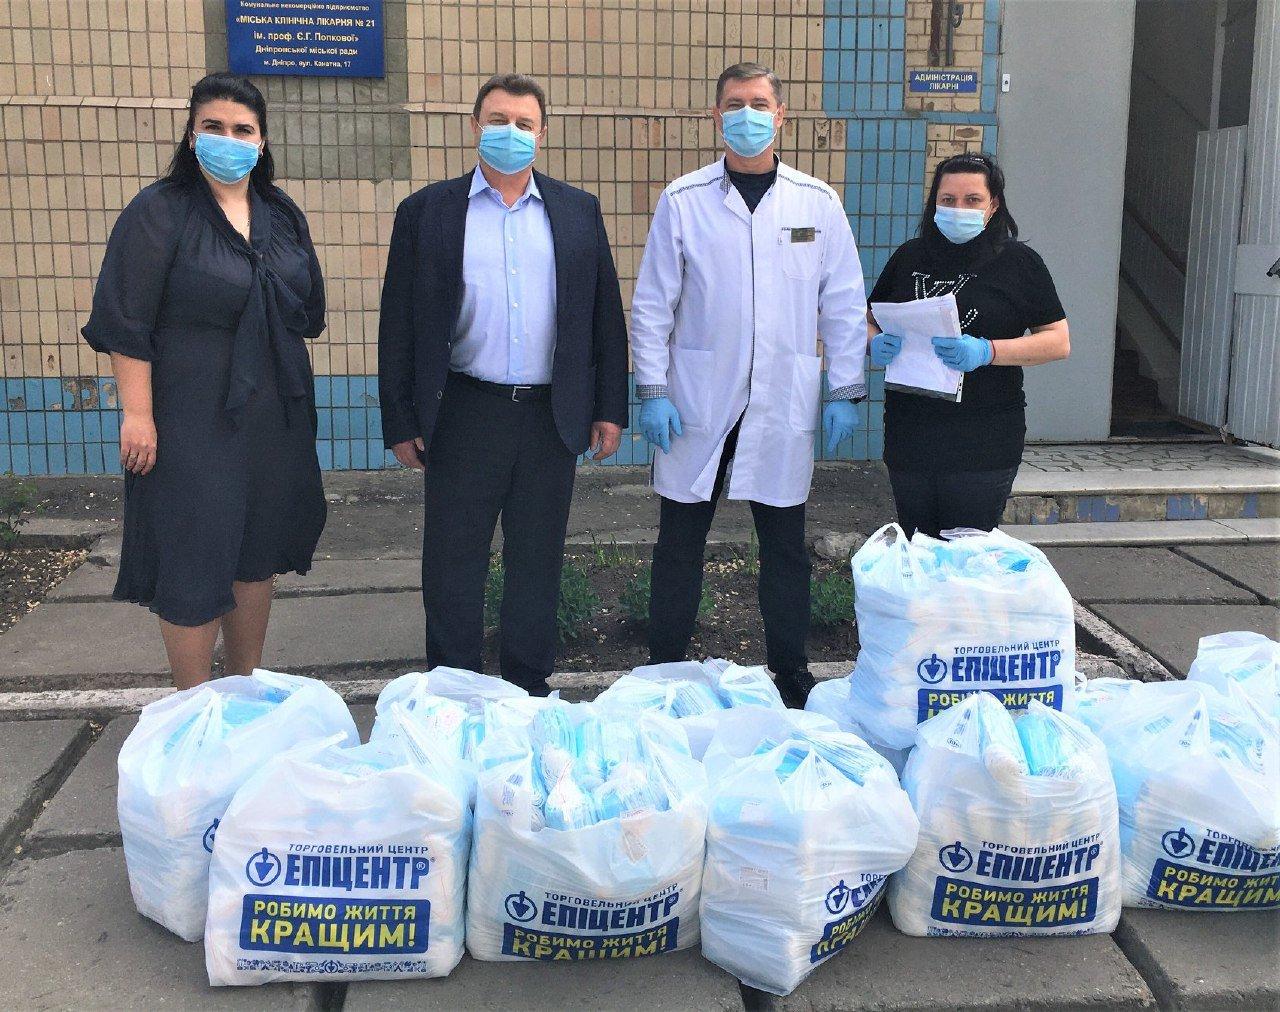 Медичні працівники Дніпра отримали партію благодійної допомоги від мережі «Епіцентр» для запобігання поширенню COVID-19, фото-1